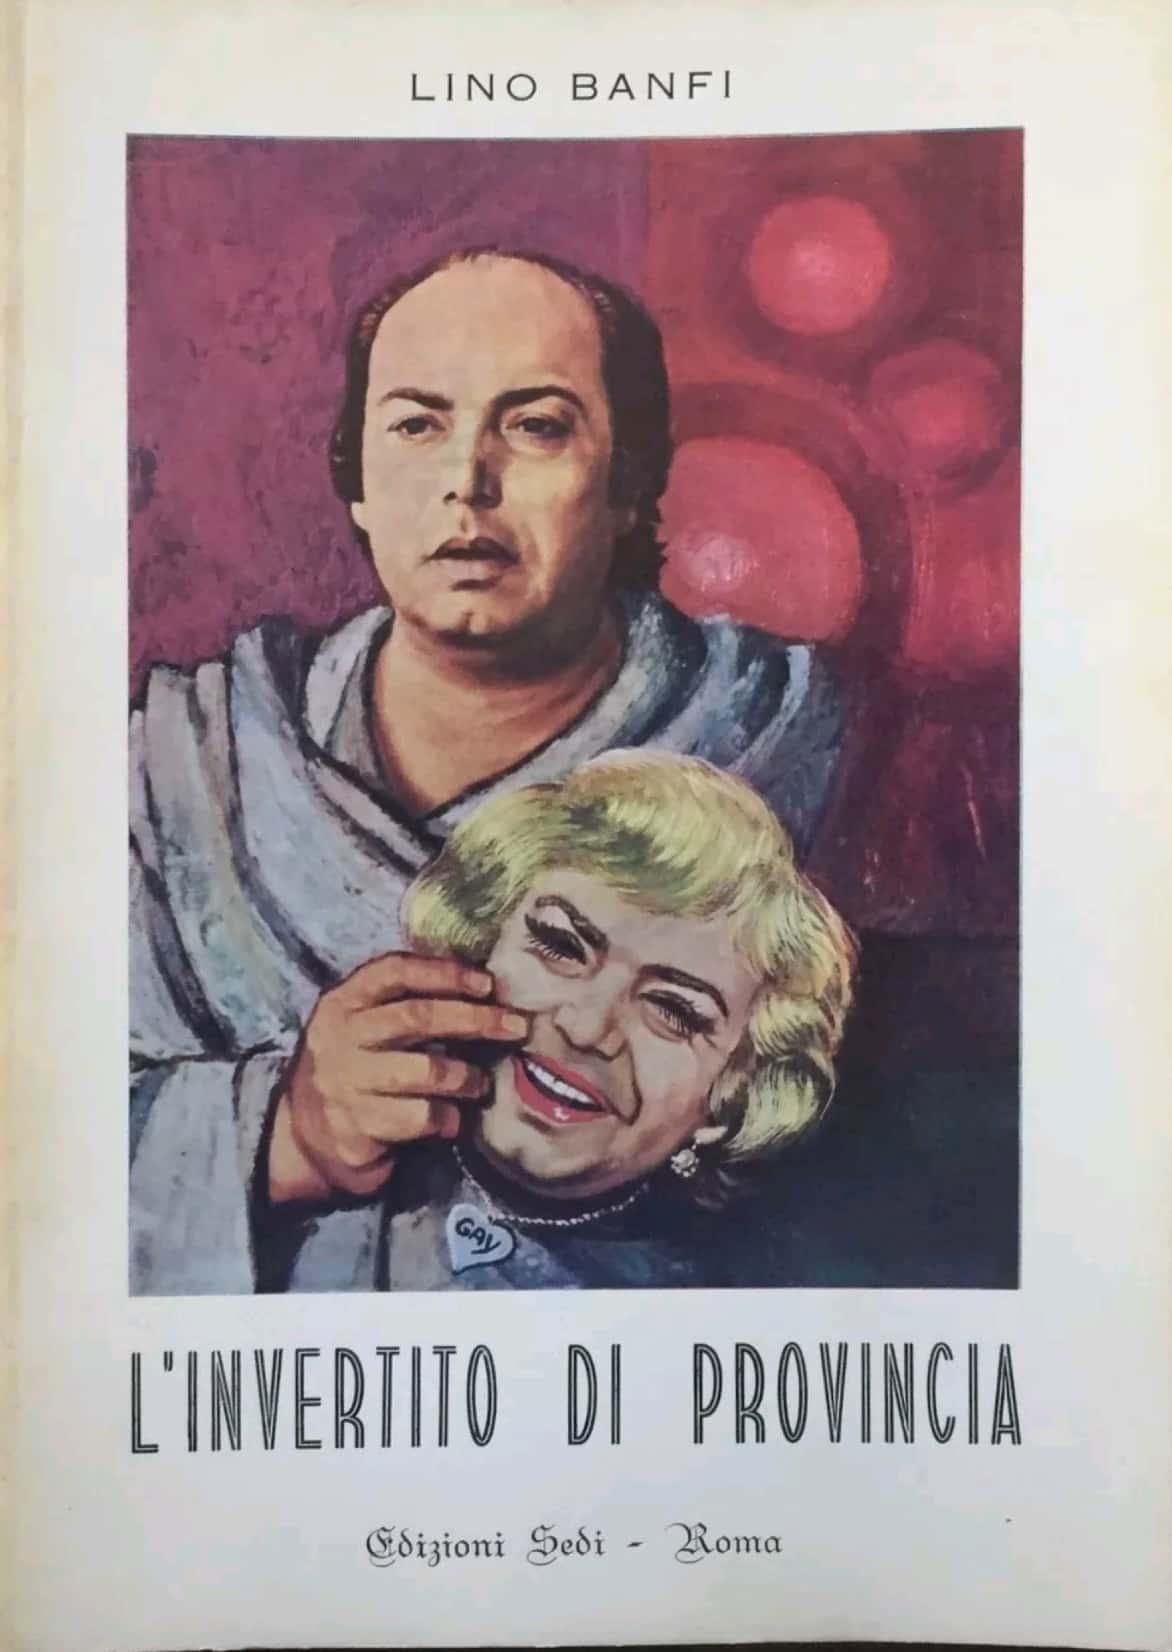 …un raro libro di Lino Banfi è in asta su eBay a 29,90 €